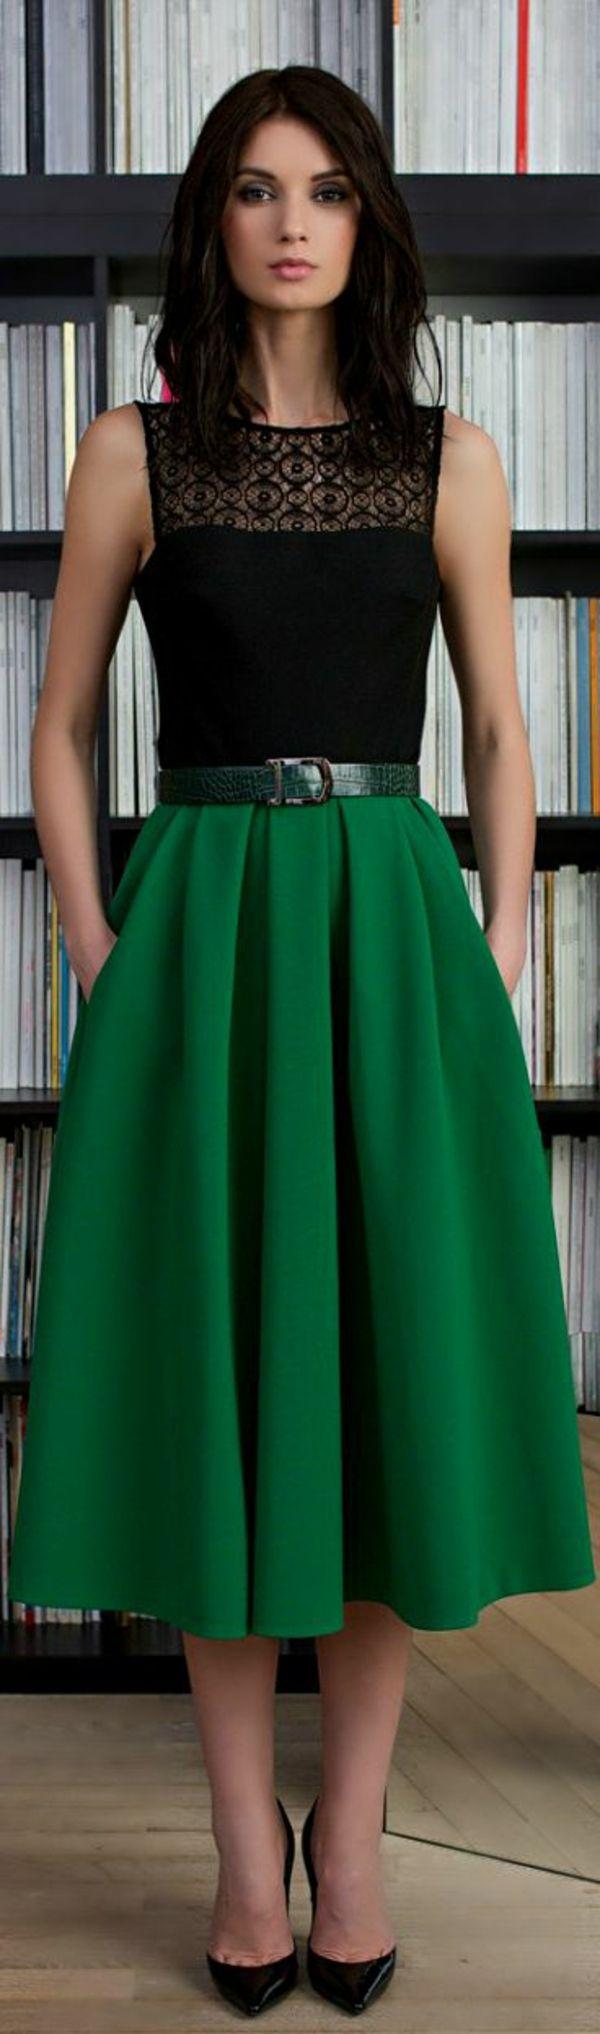 la jupe vert mi-longue, femme moderne, bibliothèque, livres